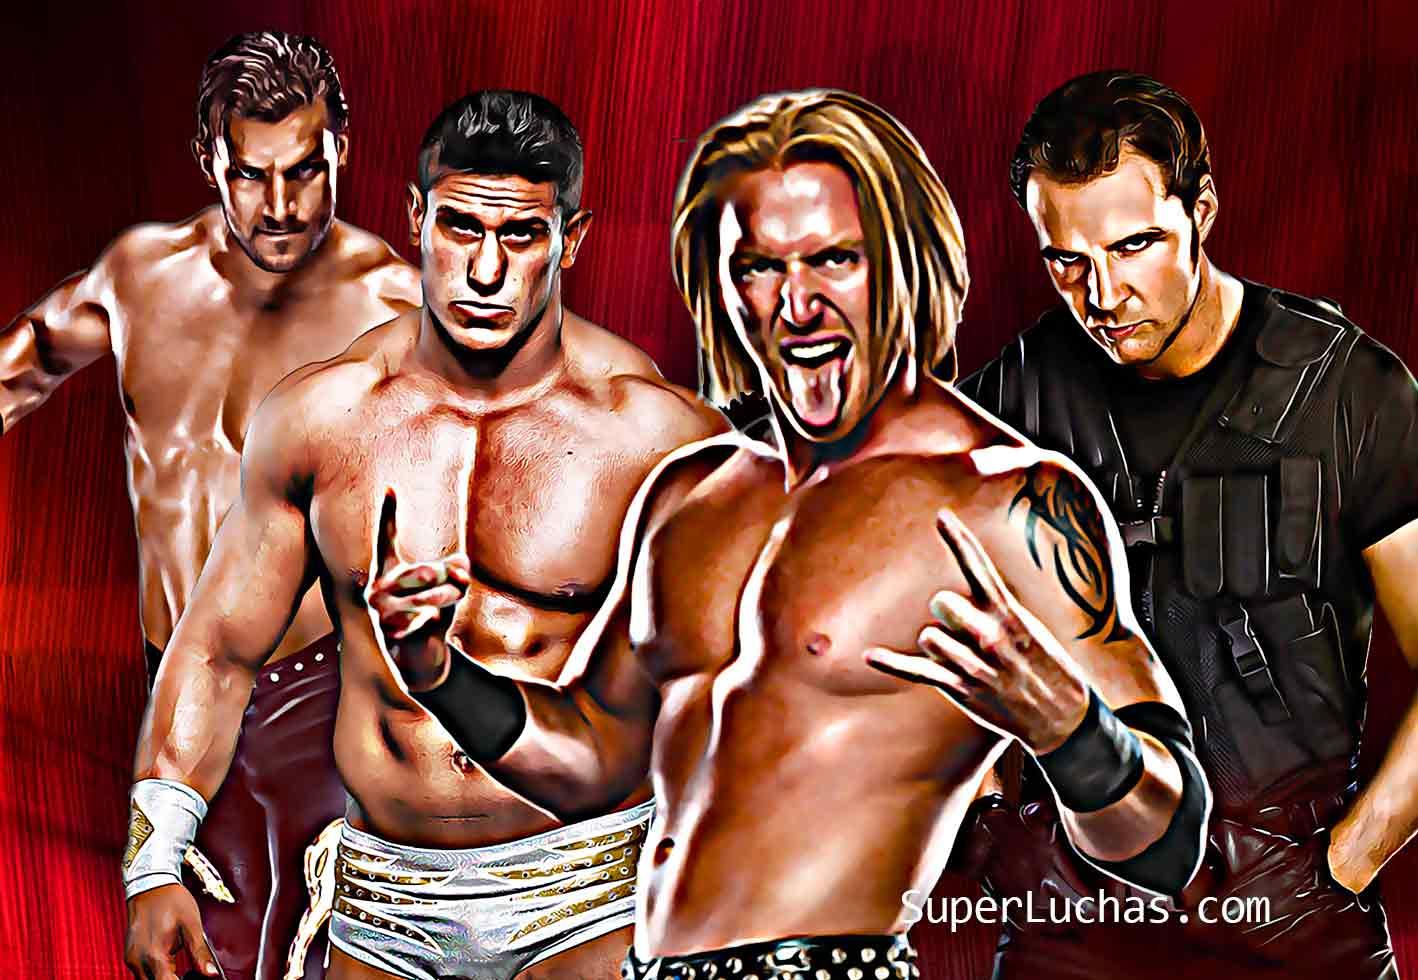 Fandango, Derrick Bateman, Heath Slater, Dean Ambrose